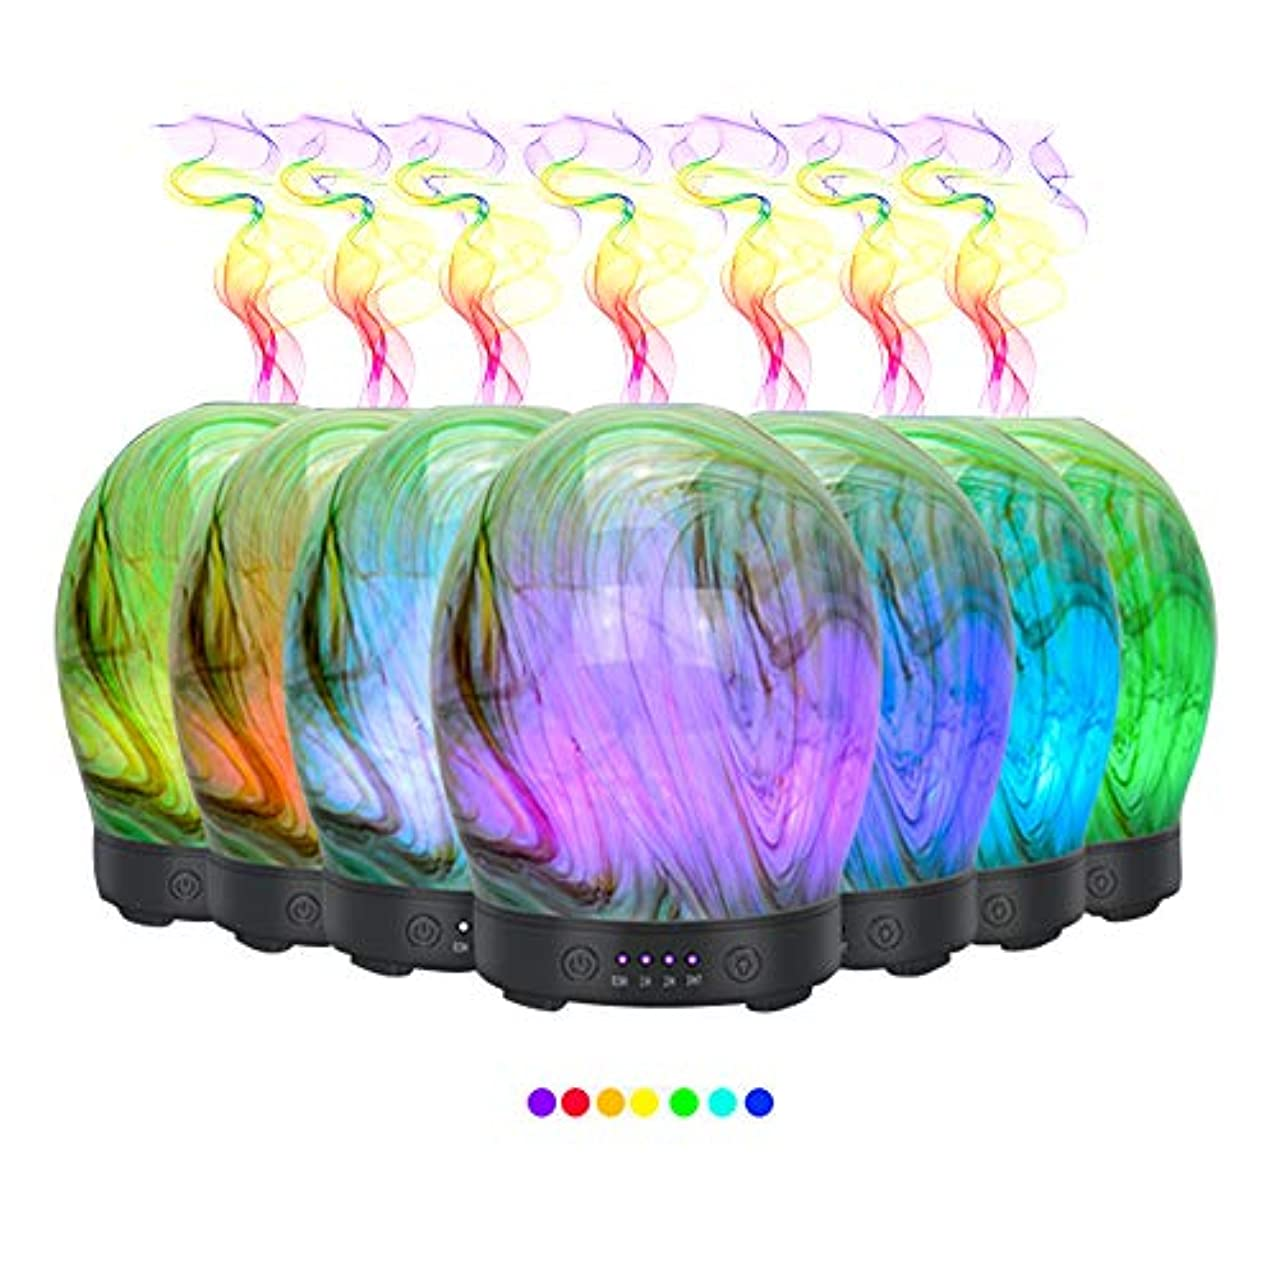 検索エンジン最適化自己尊重突然エッセンシャルオイル用ディフューザー (100ml)-3d アートガラスツイストツリーアロマ加湿器7色の変更 LED ライト & 4 タイマー設定、水なしオートシャットオフ